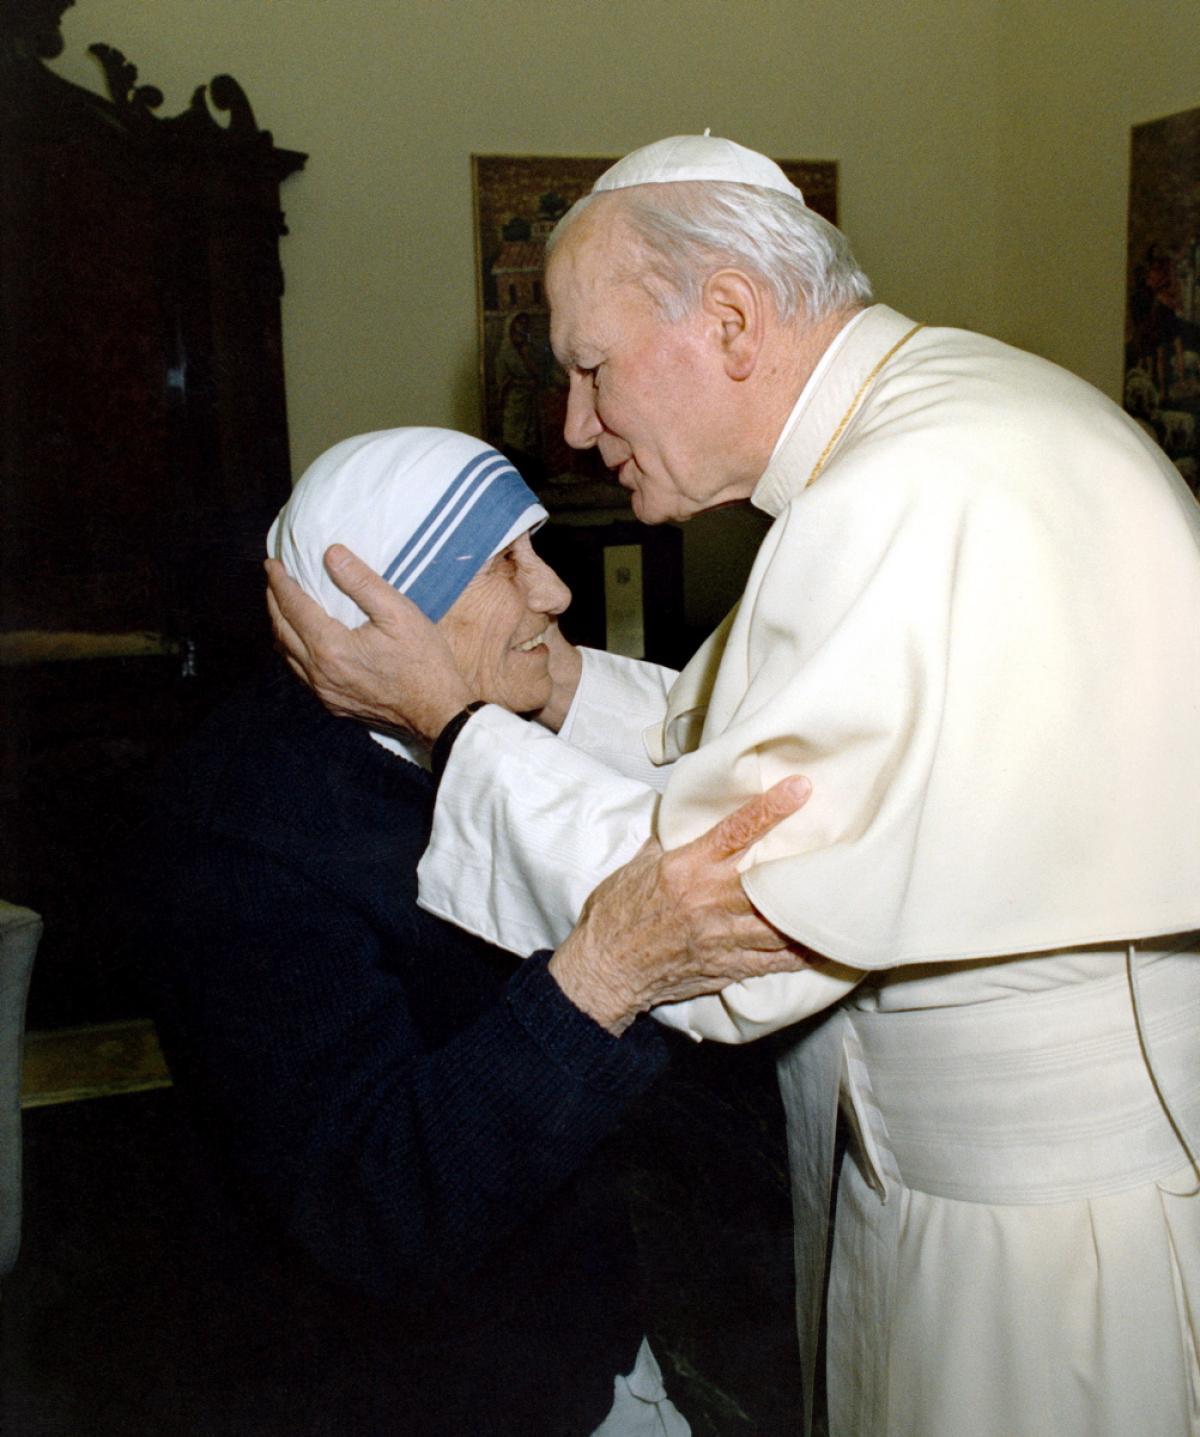 Deux géants de la charité, saint Jean-Paul II et sainte Térésa de Calcutta